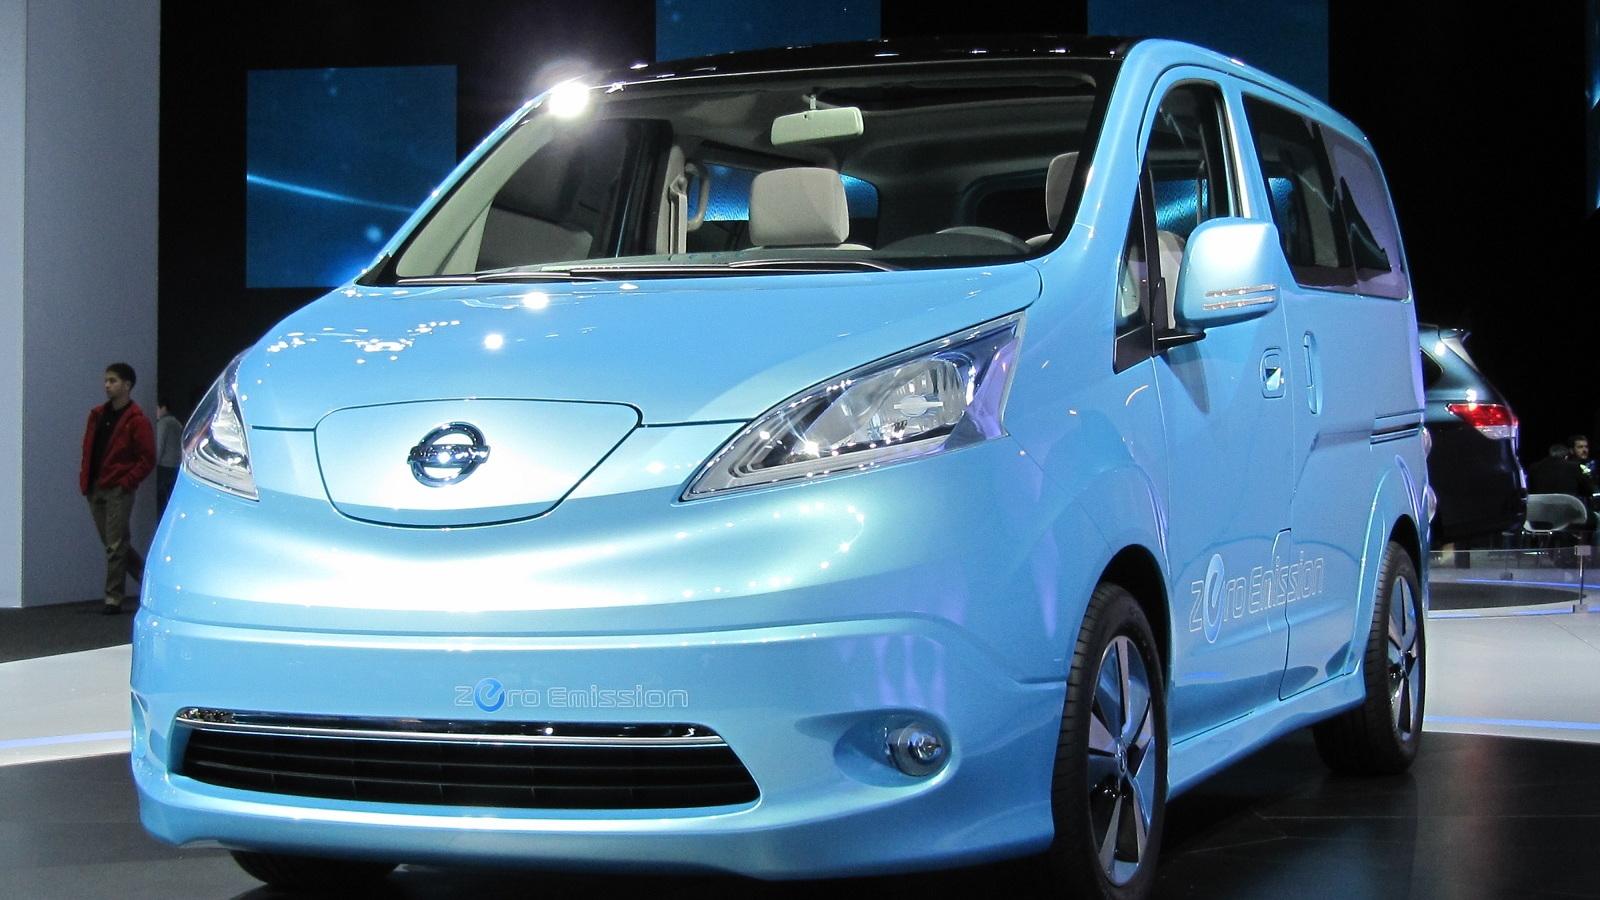 Nissan e-NV 200 Concept electric minivan, 2012 Detroit Auto Show